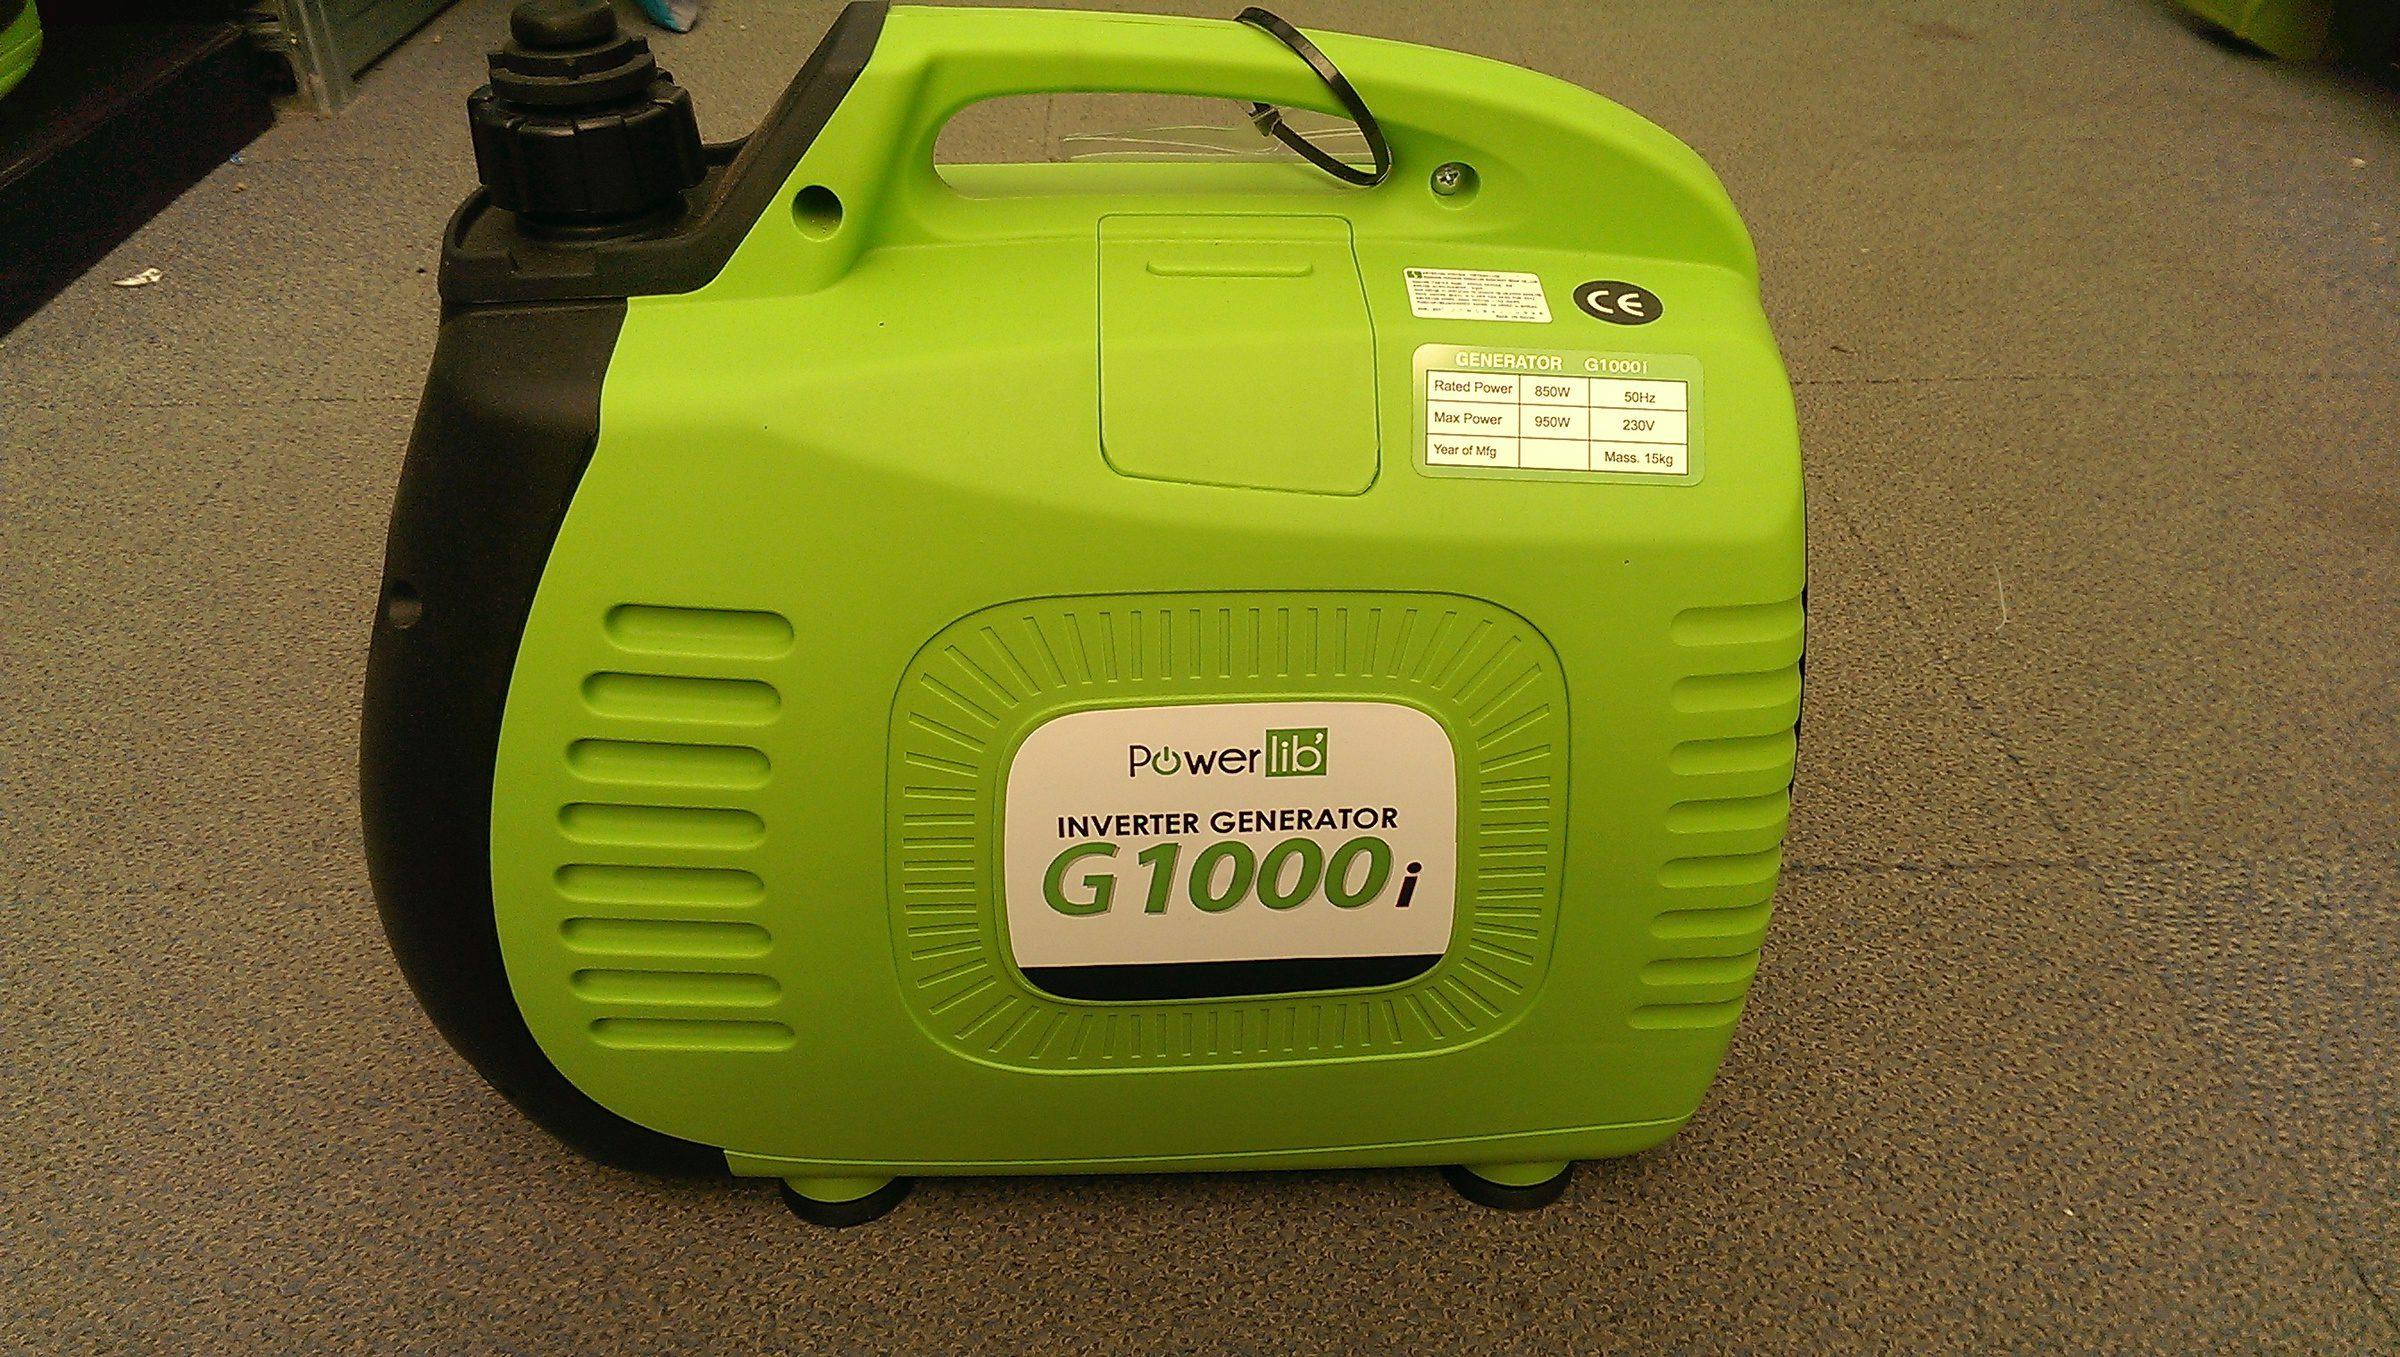 PowerLib Bayasun G1000i Portable Generator